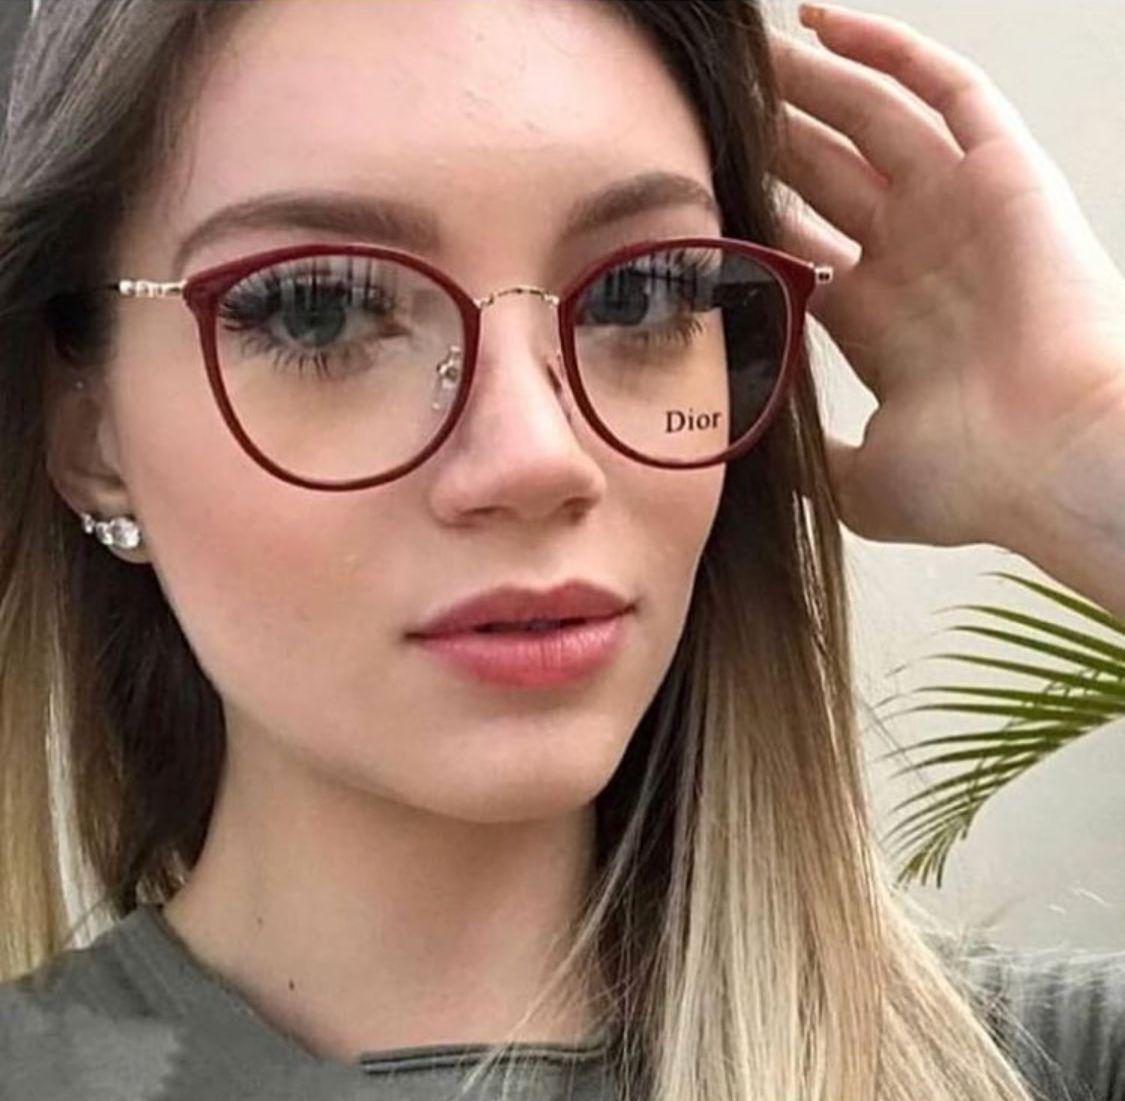 Gozluk Modelleri Com Imagens Armacoes De Oculos Armacao De